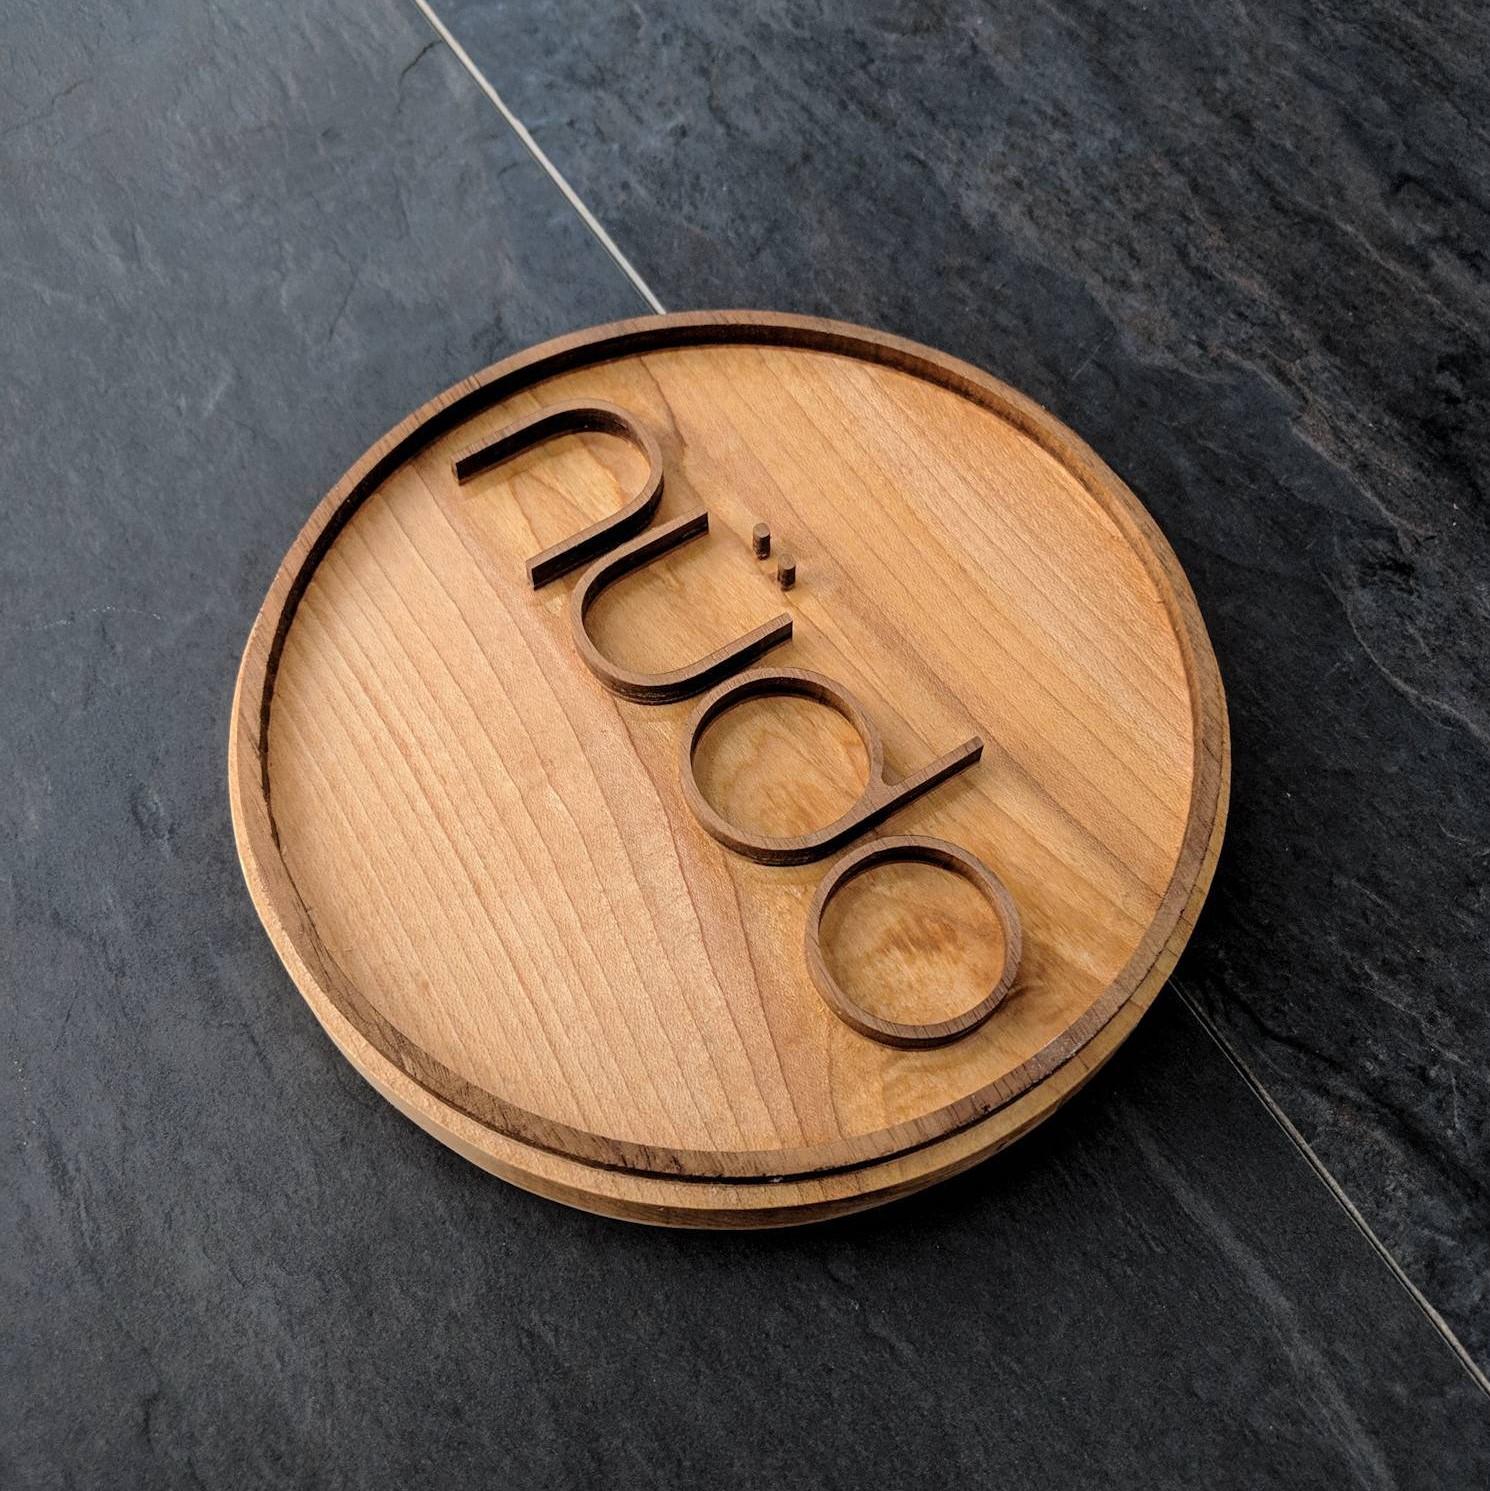 Petite enseigne ronde commerciale pour salons en bois haut de gamme gravée cnc